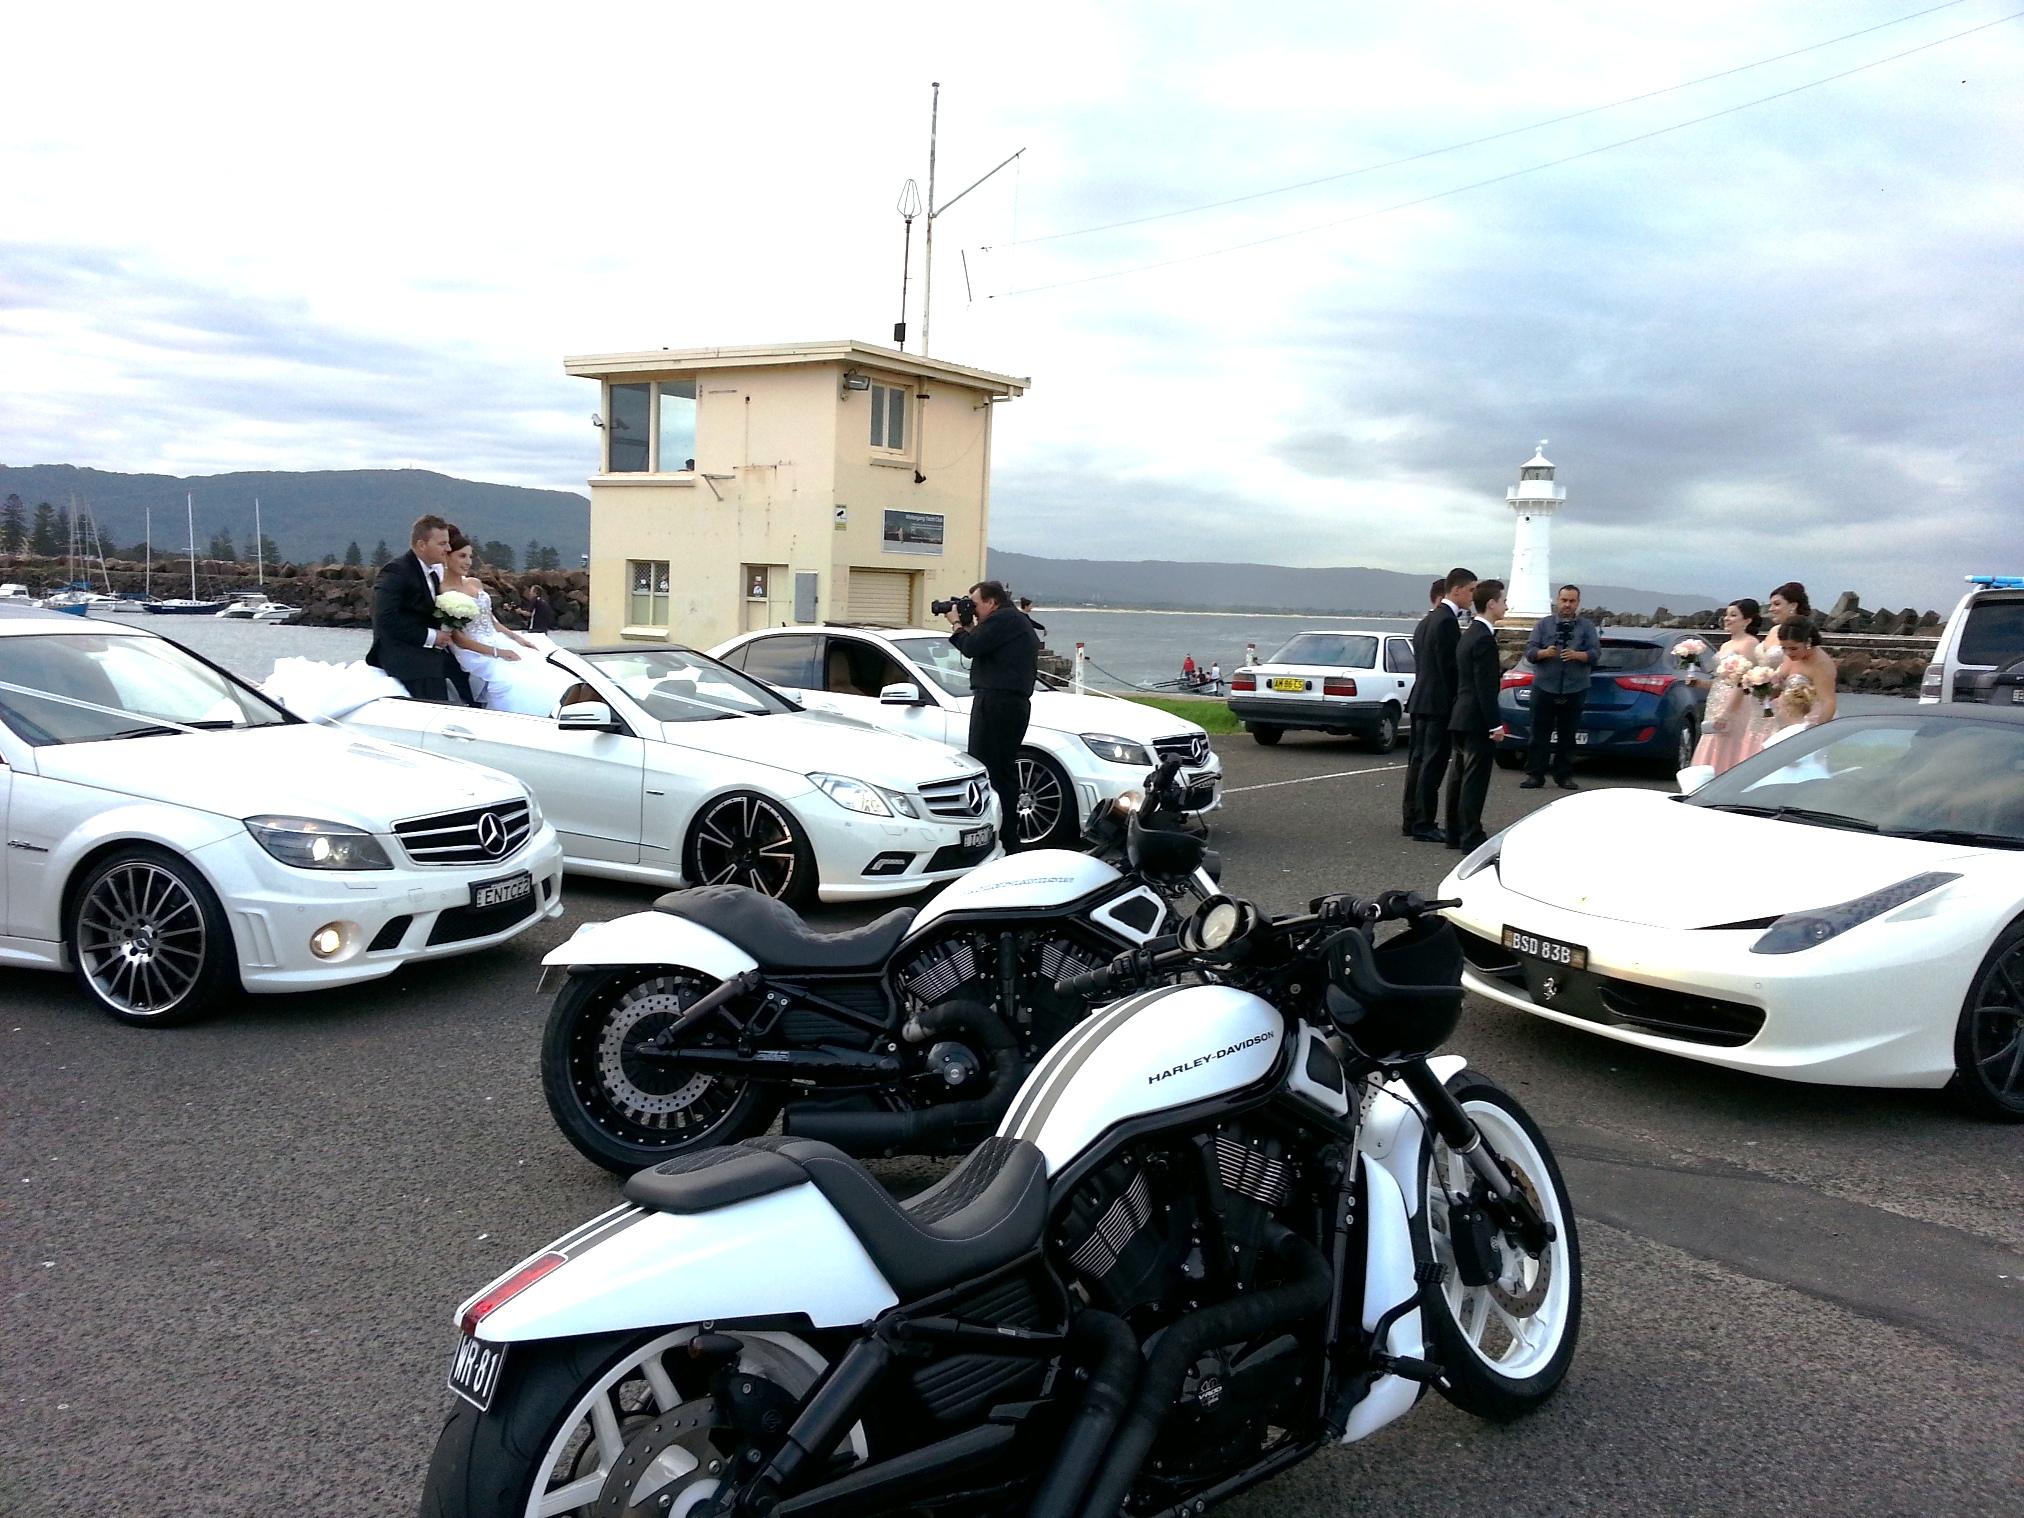 Harley Davidson V Rod Hire Sydney